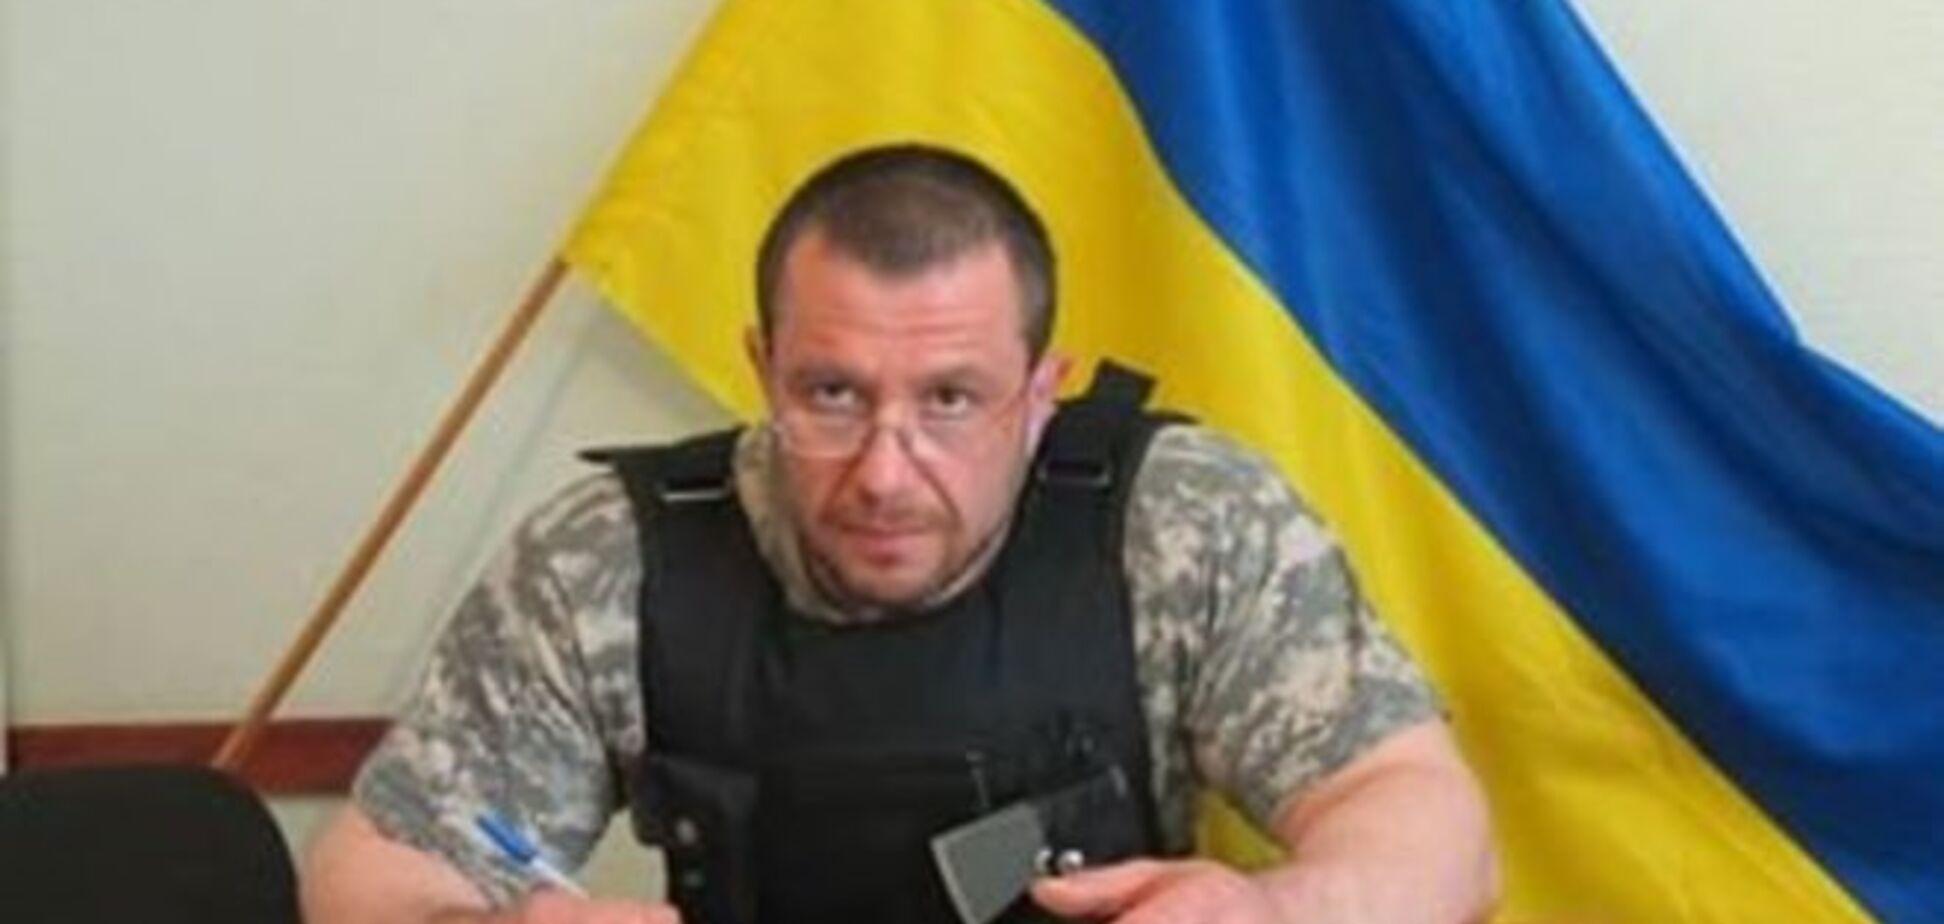 Пленник луганских террористов сбежал из плена и приехал в Киев